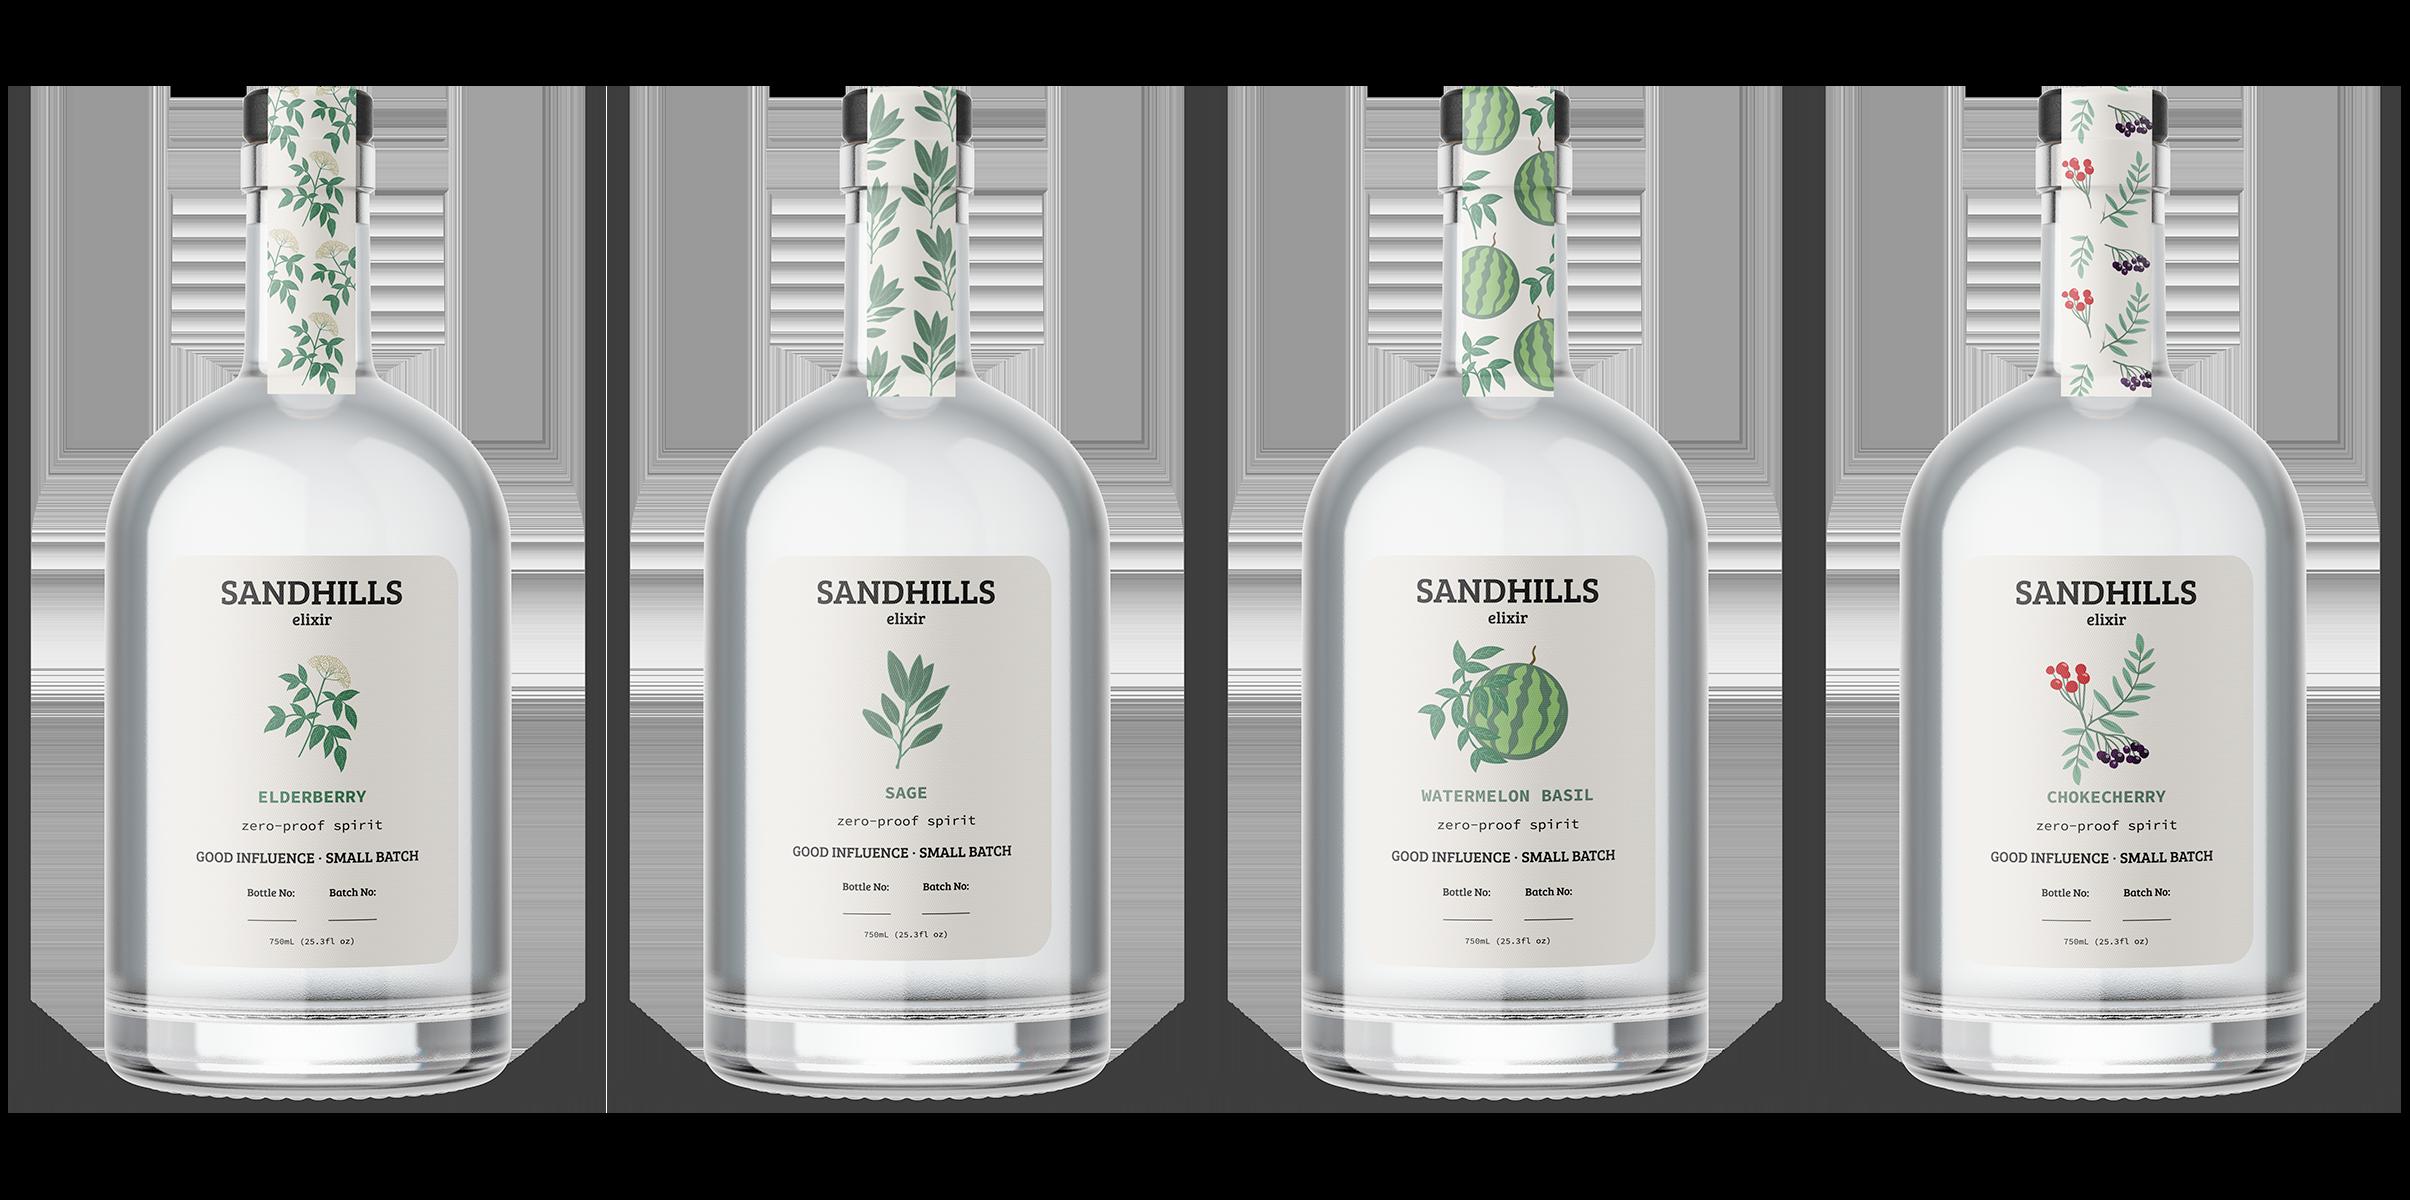 Sandhills Elixir Brand Family